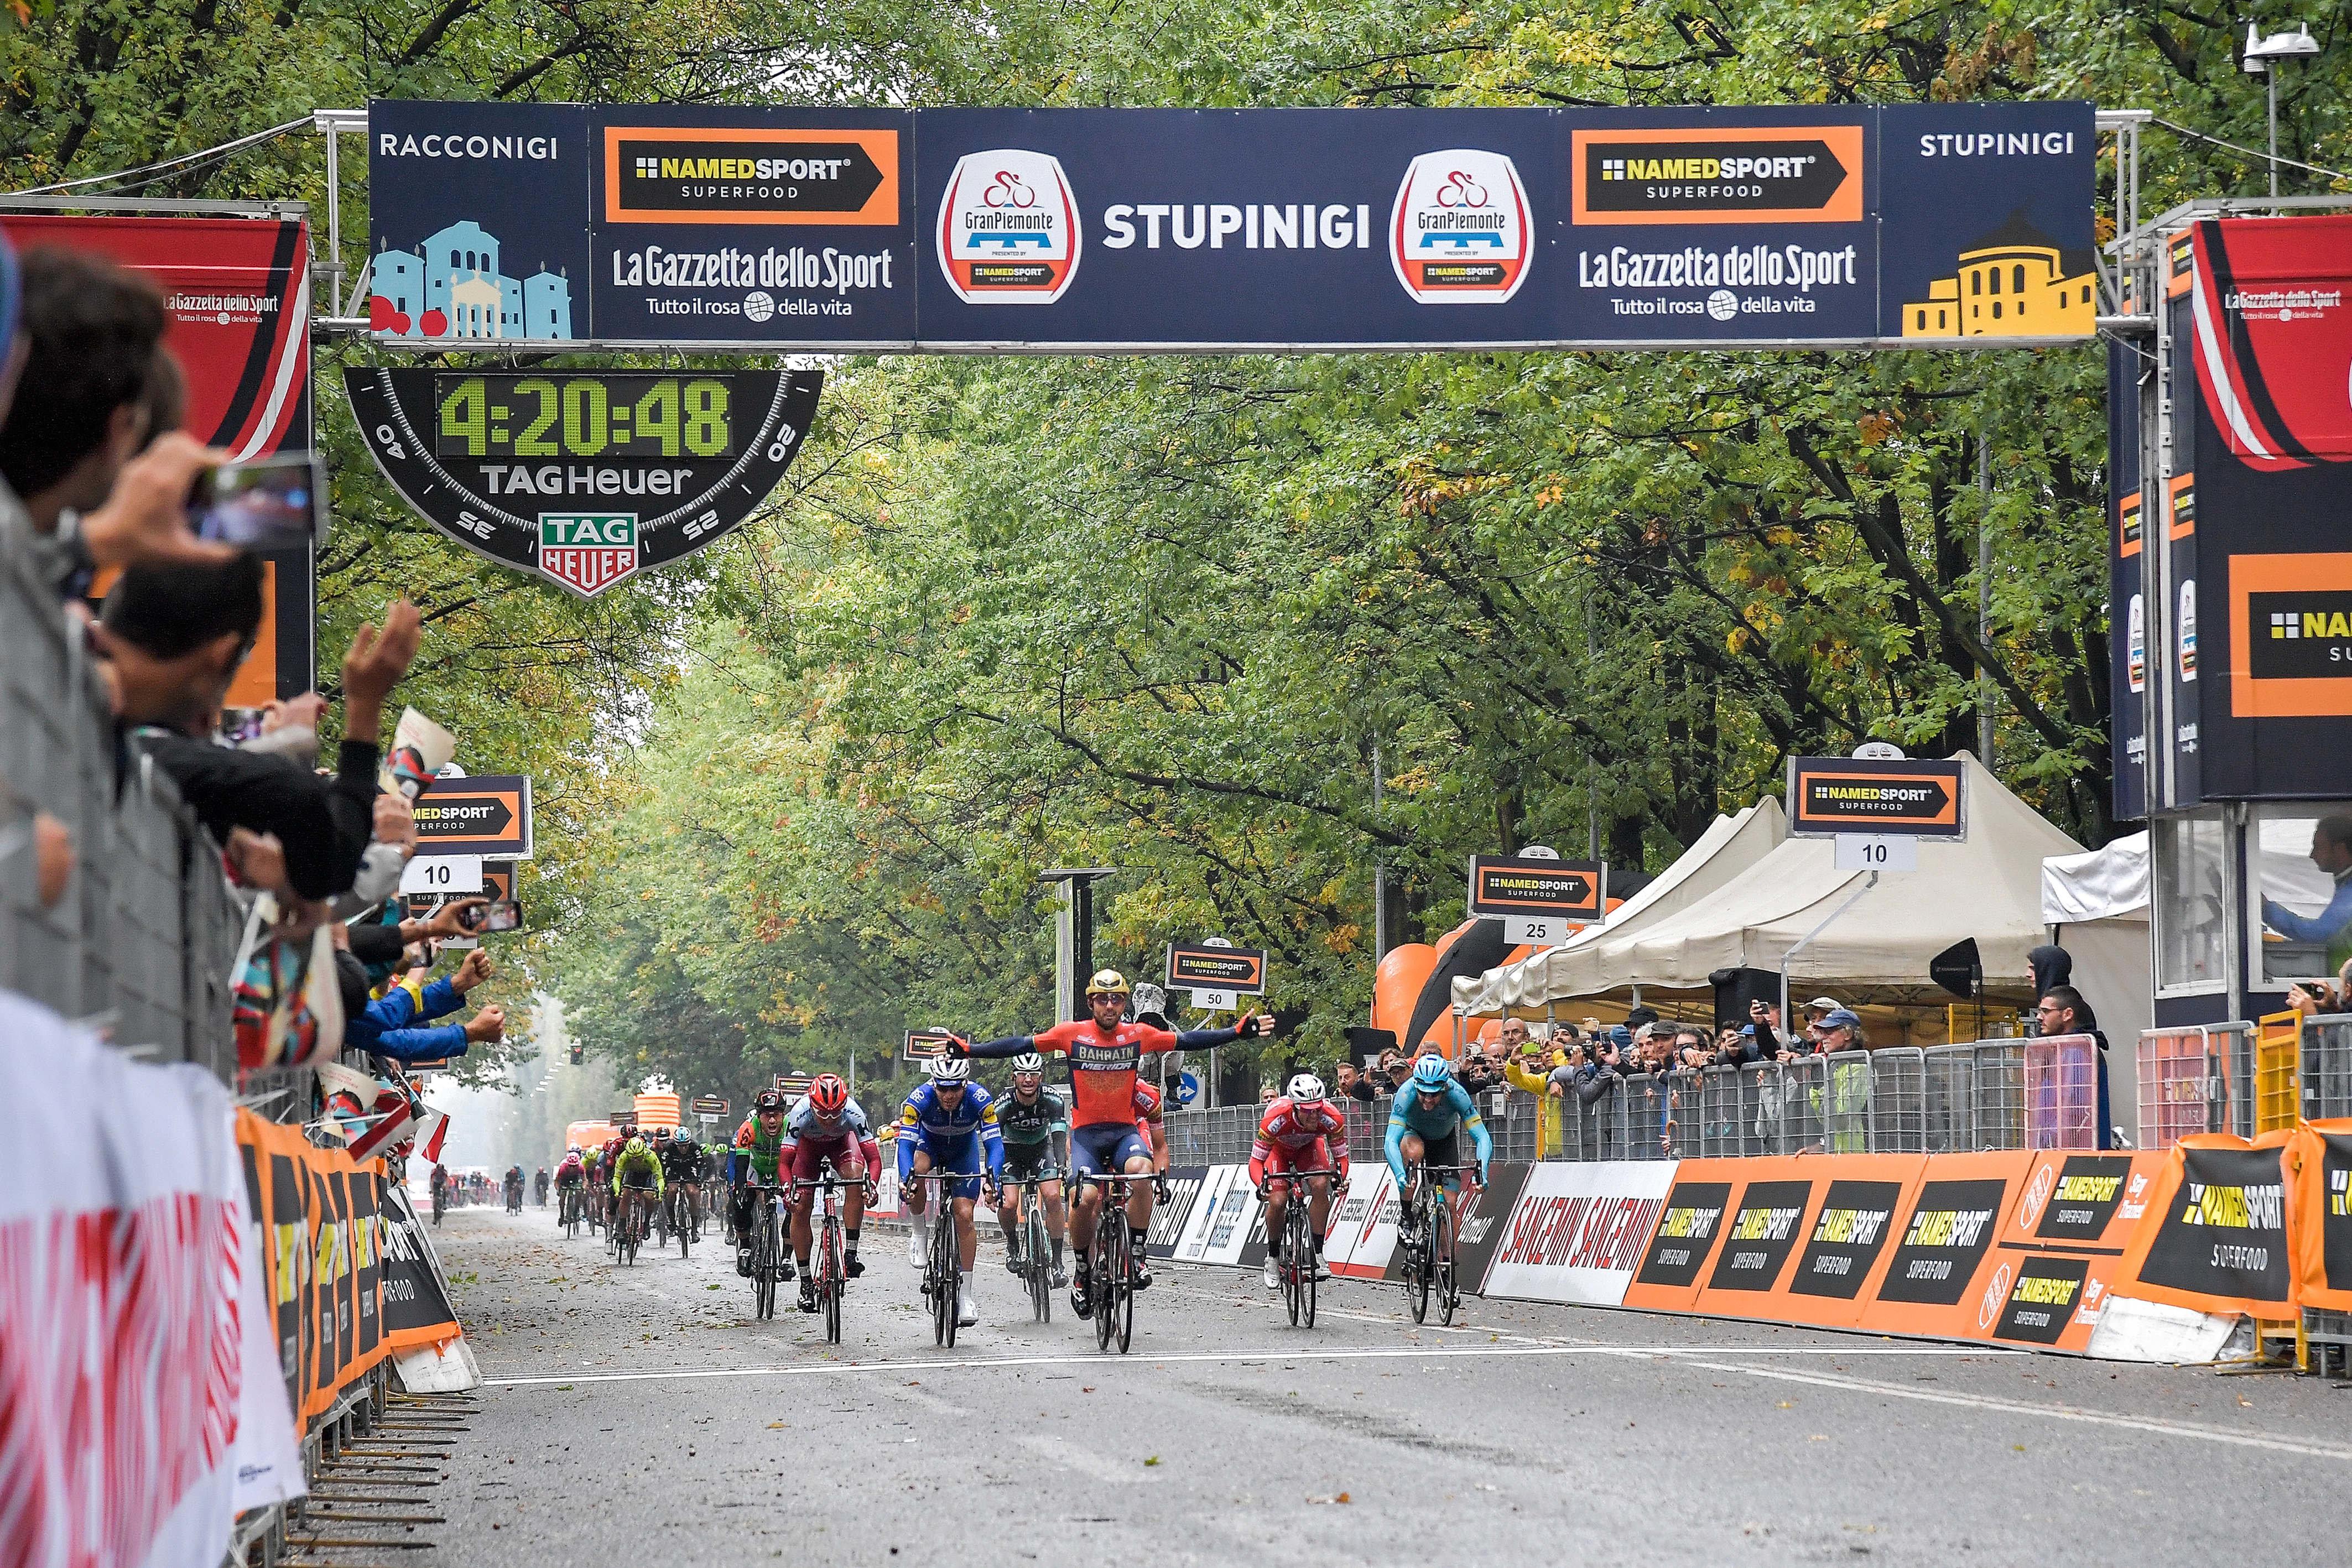 L'edizione 101 della Milano-Torino by EOLO si concluderà a Stupinigi (Nichelino), davanti alla Palazzina di Caccia dove nel 2018 Sonny Colbrelli si impose vincendo il GranPiemonte.